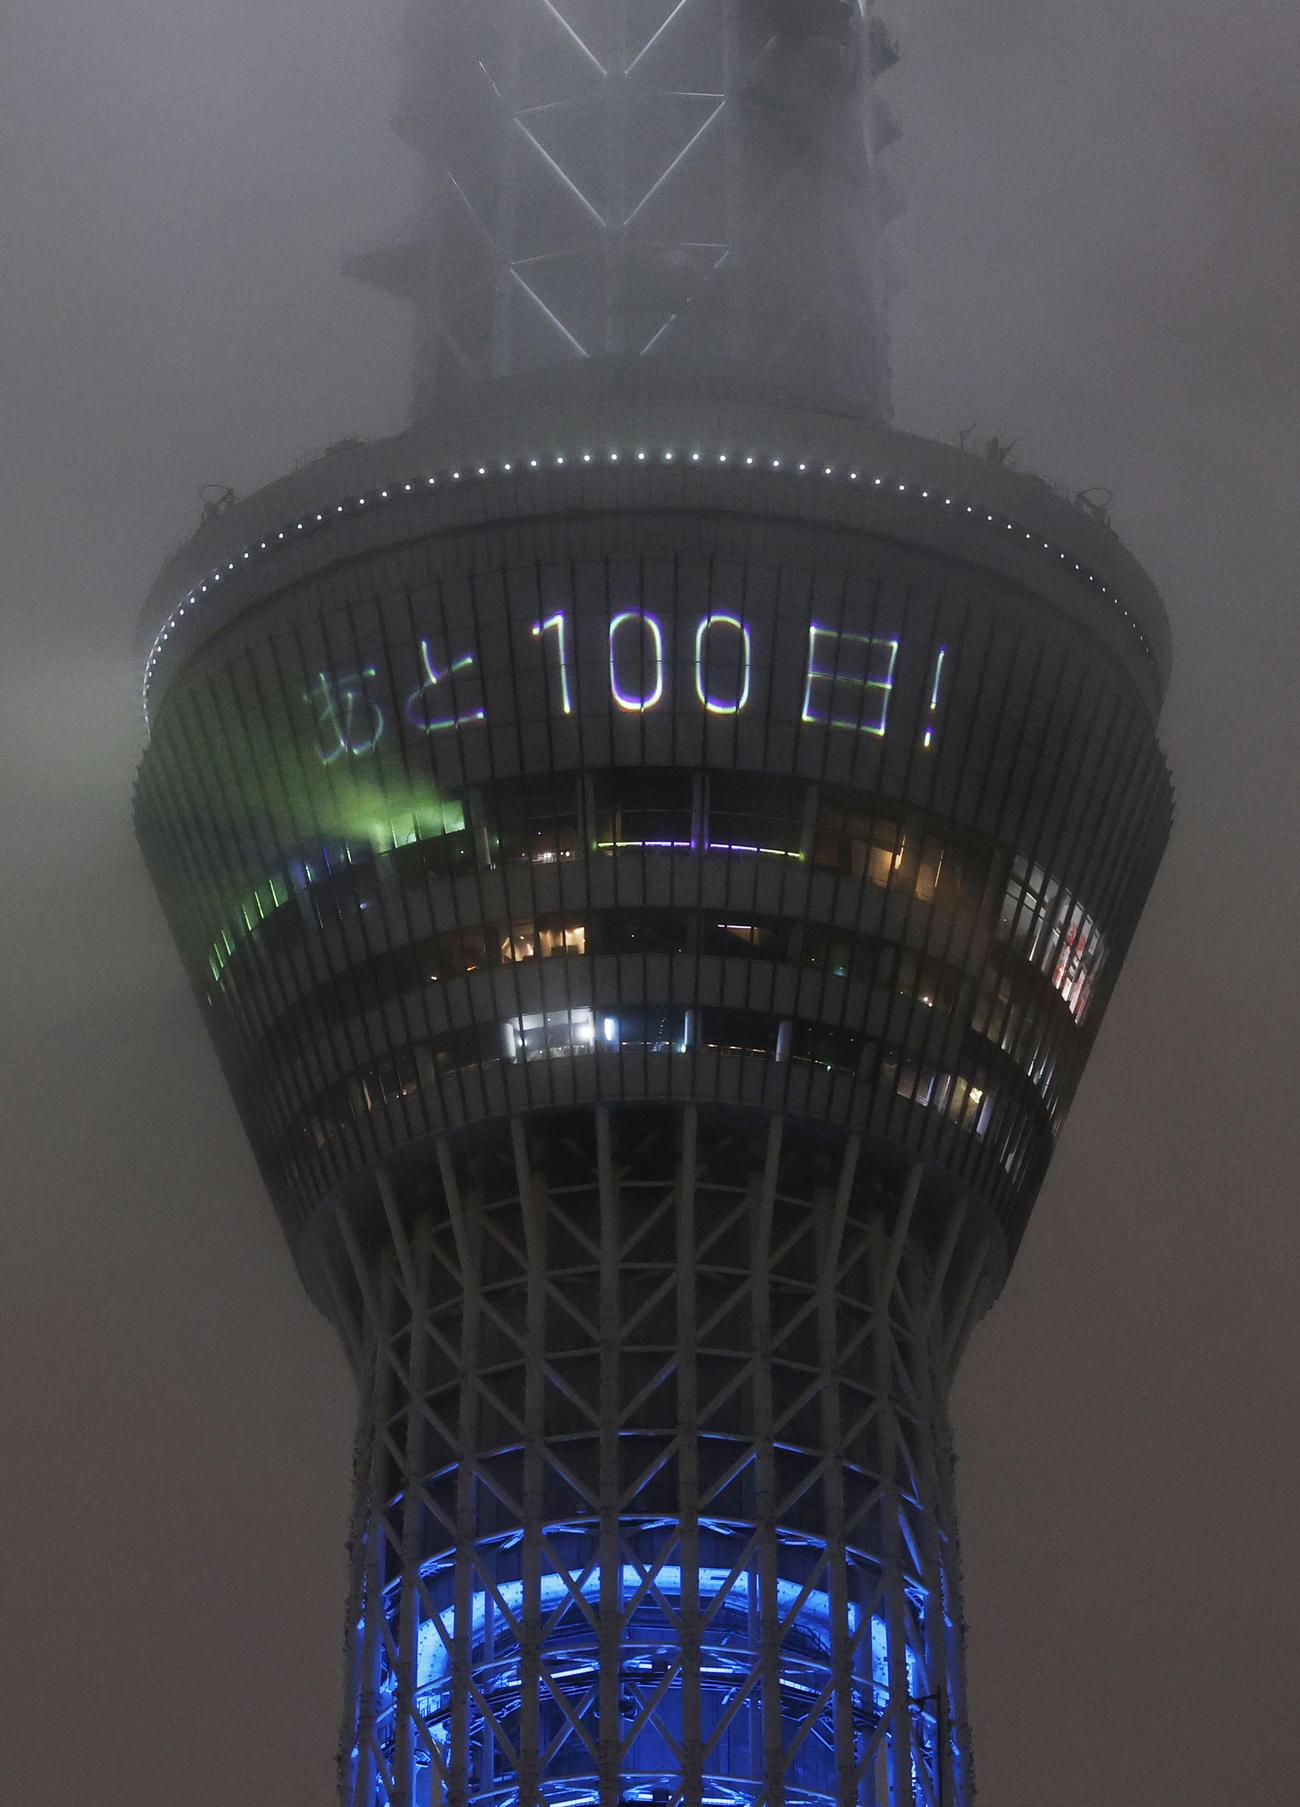 東京五輪の開会式まで100日となり、東京スカイツリーの天望デッキに表示された「あと100日!」の文字